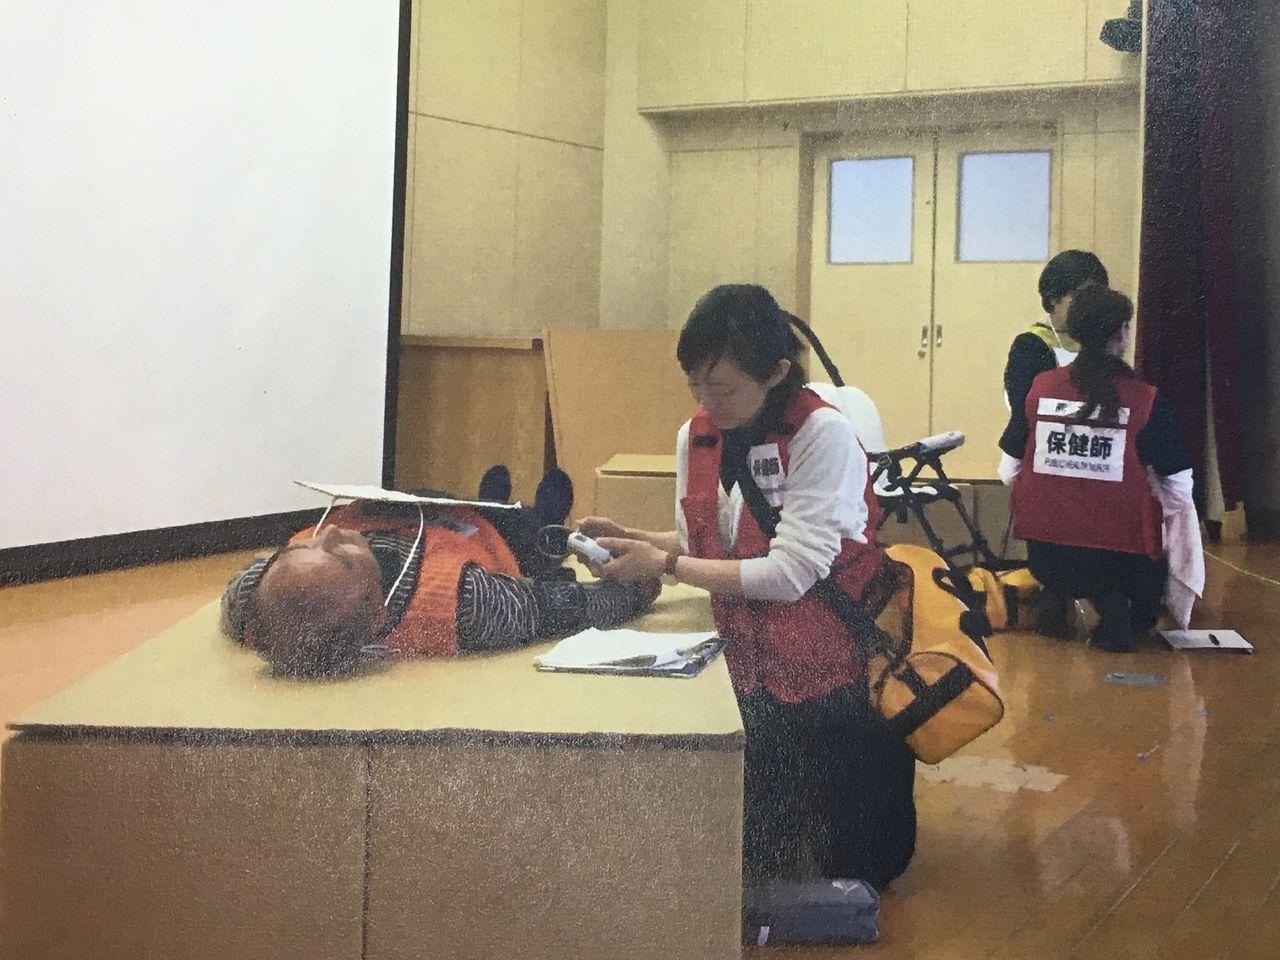 福祉避難所連携訓練の訓練を実演中の保健師さんたち